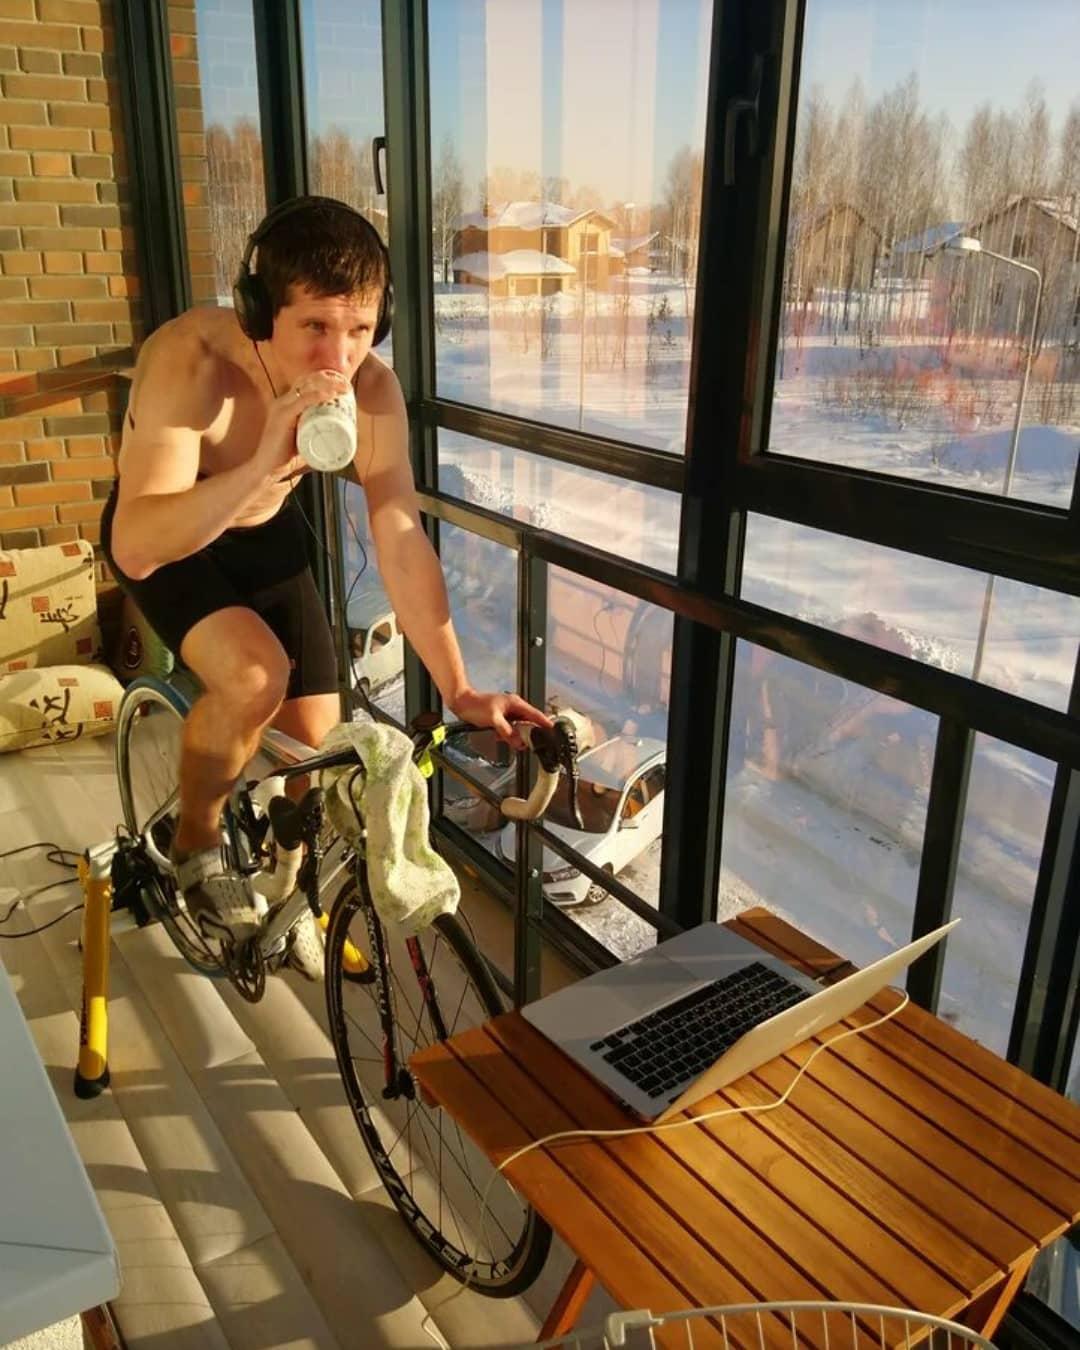 Судя по снегу, лежащему за окном, свою спортивную подготовку Михаил начал ещё в самом начале самоизоляции